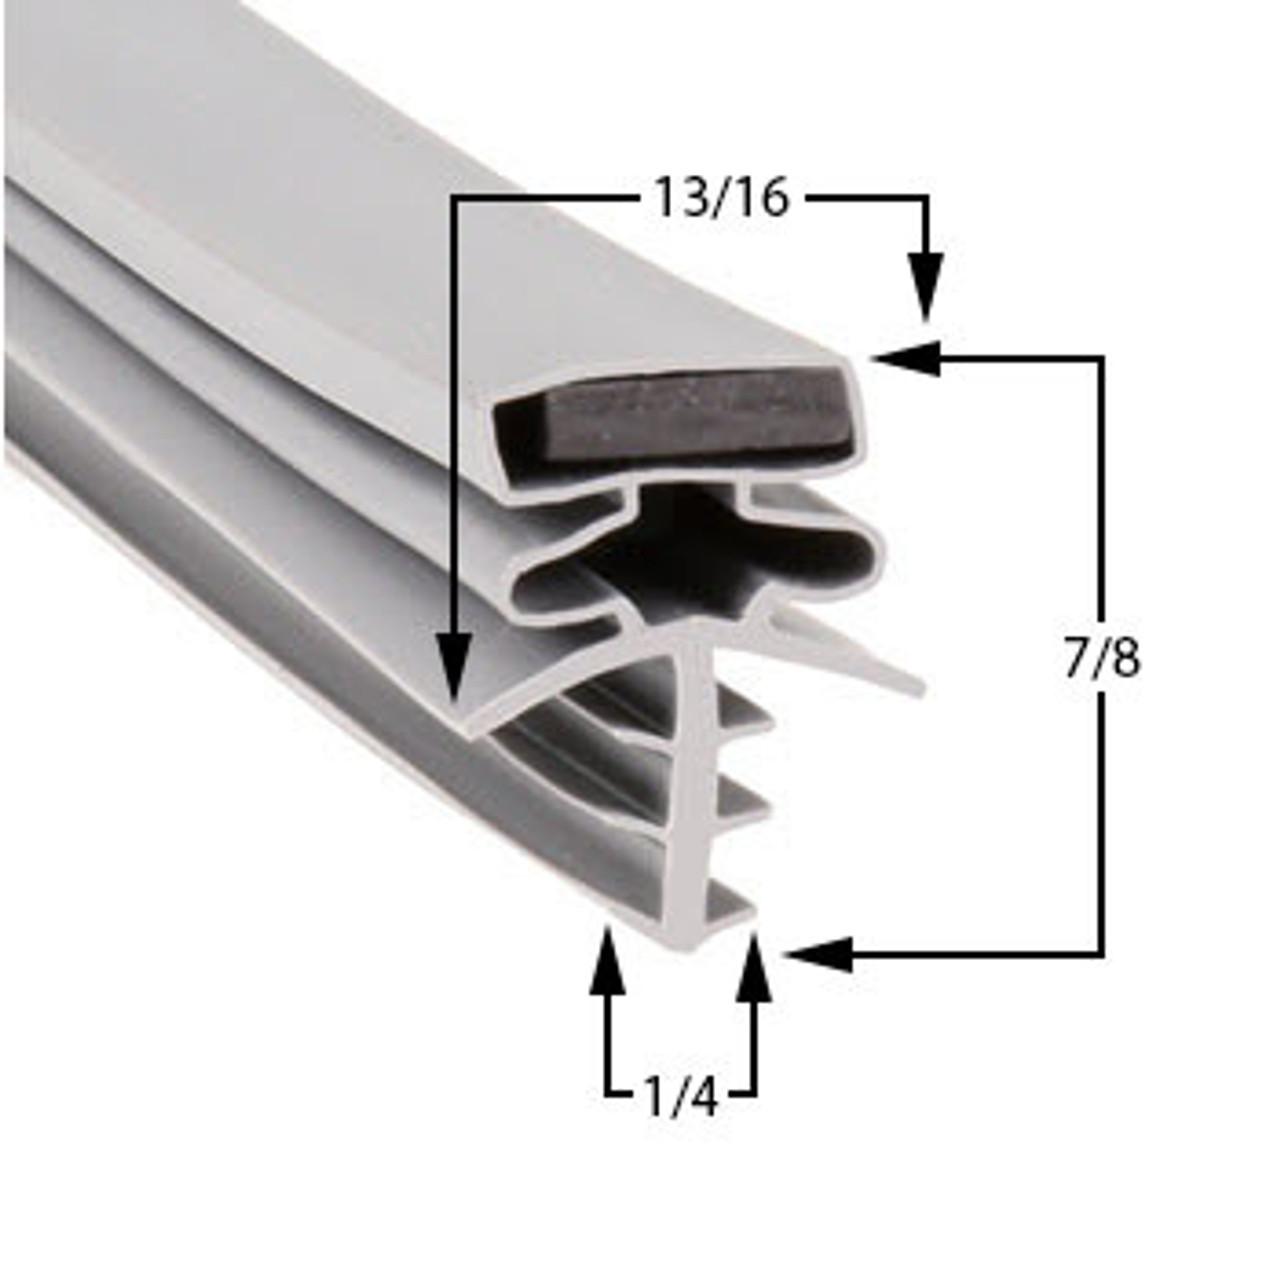 Bally Door Gasket Profile 301 43 1/4 x 77 1/2